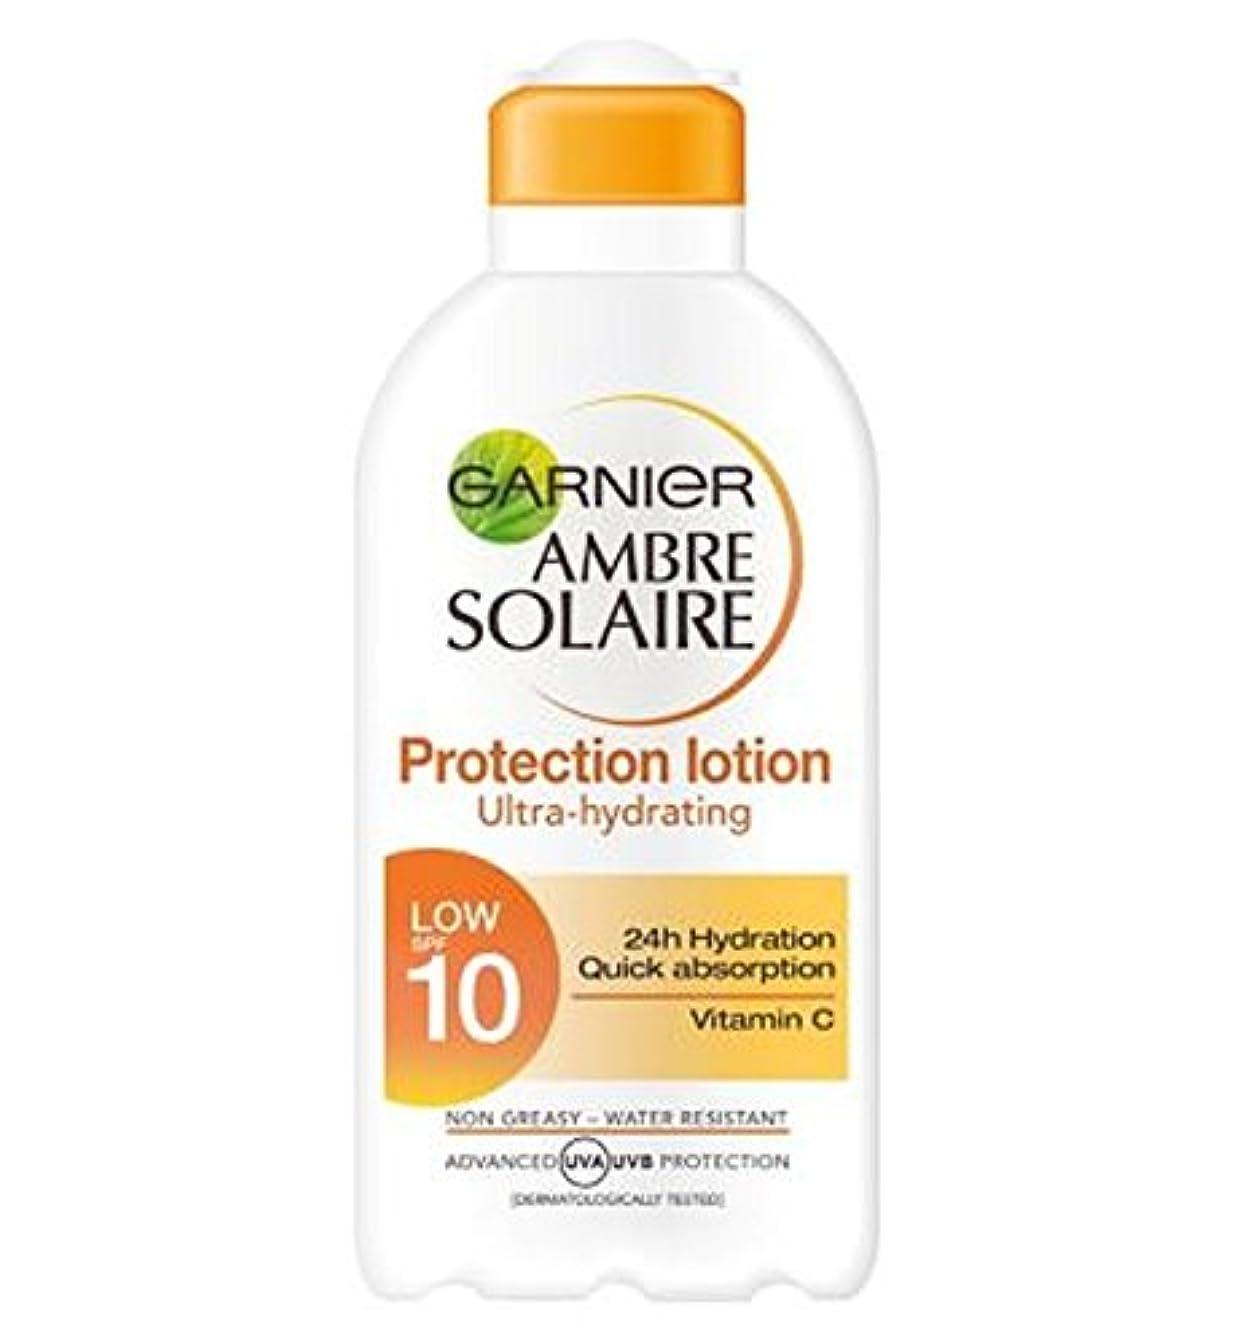 参照現実的定期的なガルニエアンブレSolaire保護ローションSpf10の200ミリリットル (Garnier) (x2) - Garnier Ambre Solaire Protection Lotion SPF10 200ml (Pack...